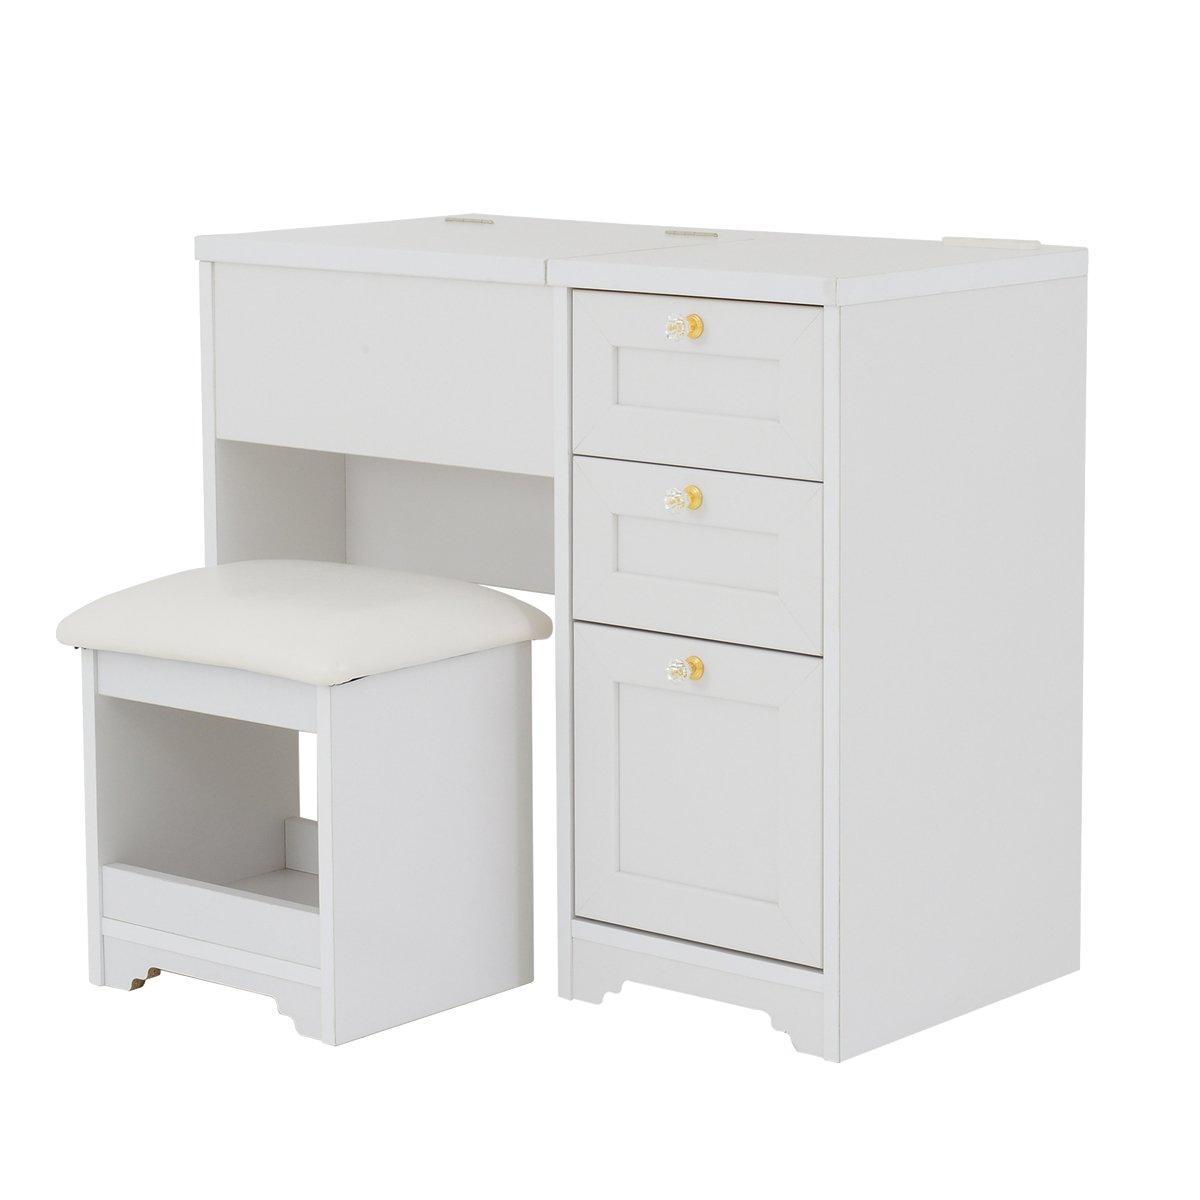 ホワイト/Anri Desk Dresser アンリ デスクドレッサー 幅80 デスク ドレッサー キャビネット 収納 引出し 化粧 化粧台 北欧 シンプル アンティーク おしゃれ ホワイト B00A4ASGHU ホワイト